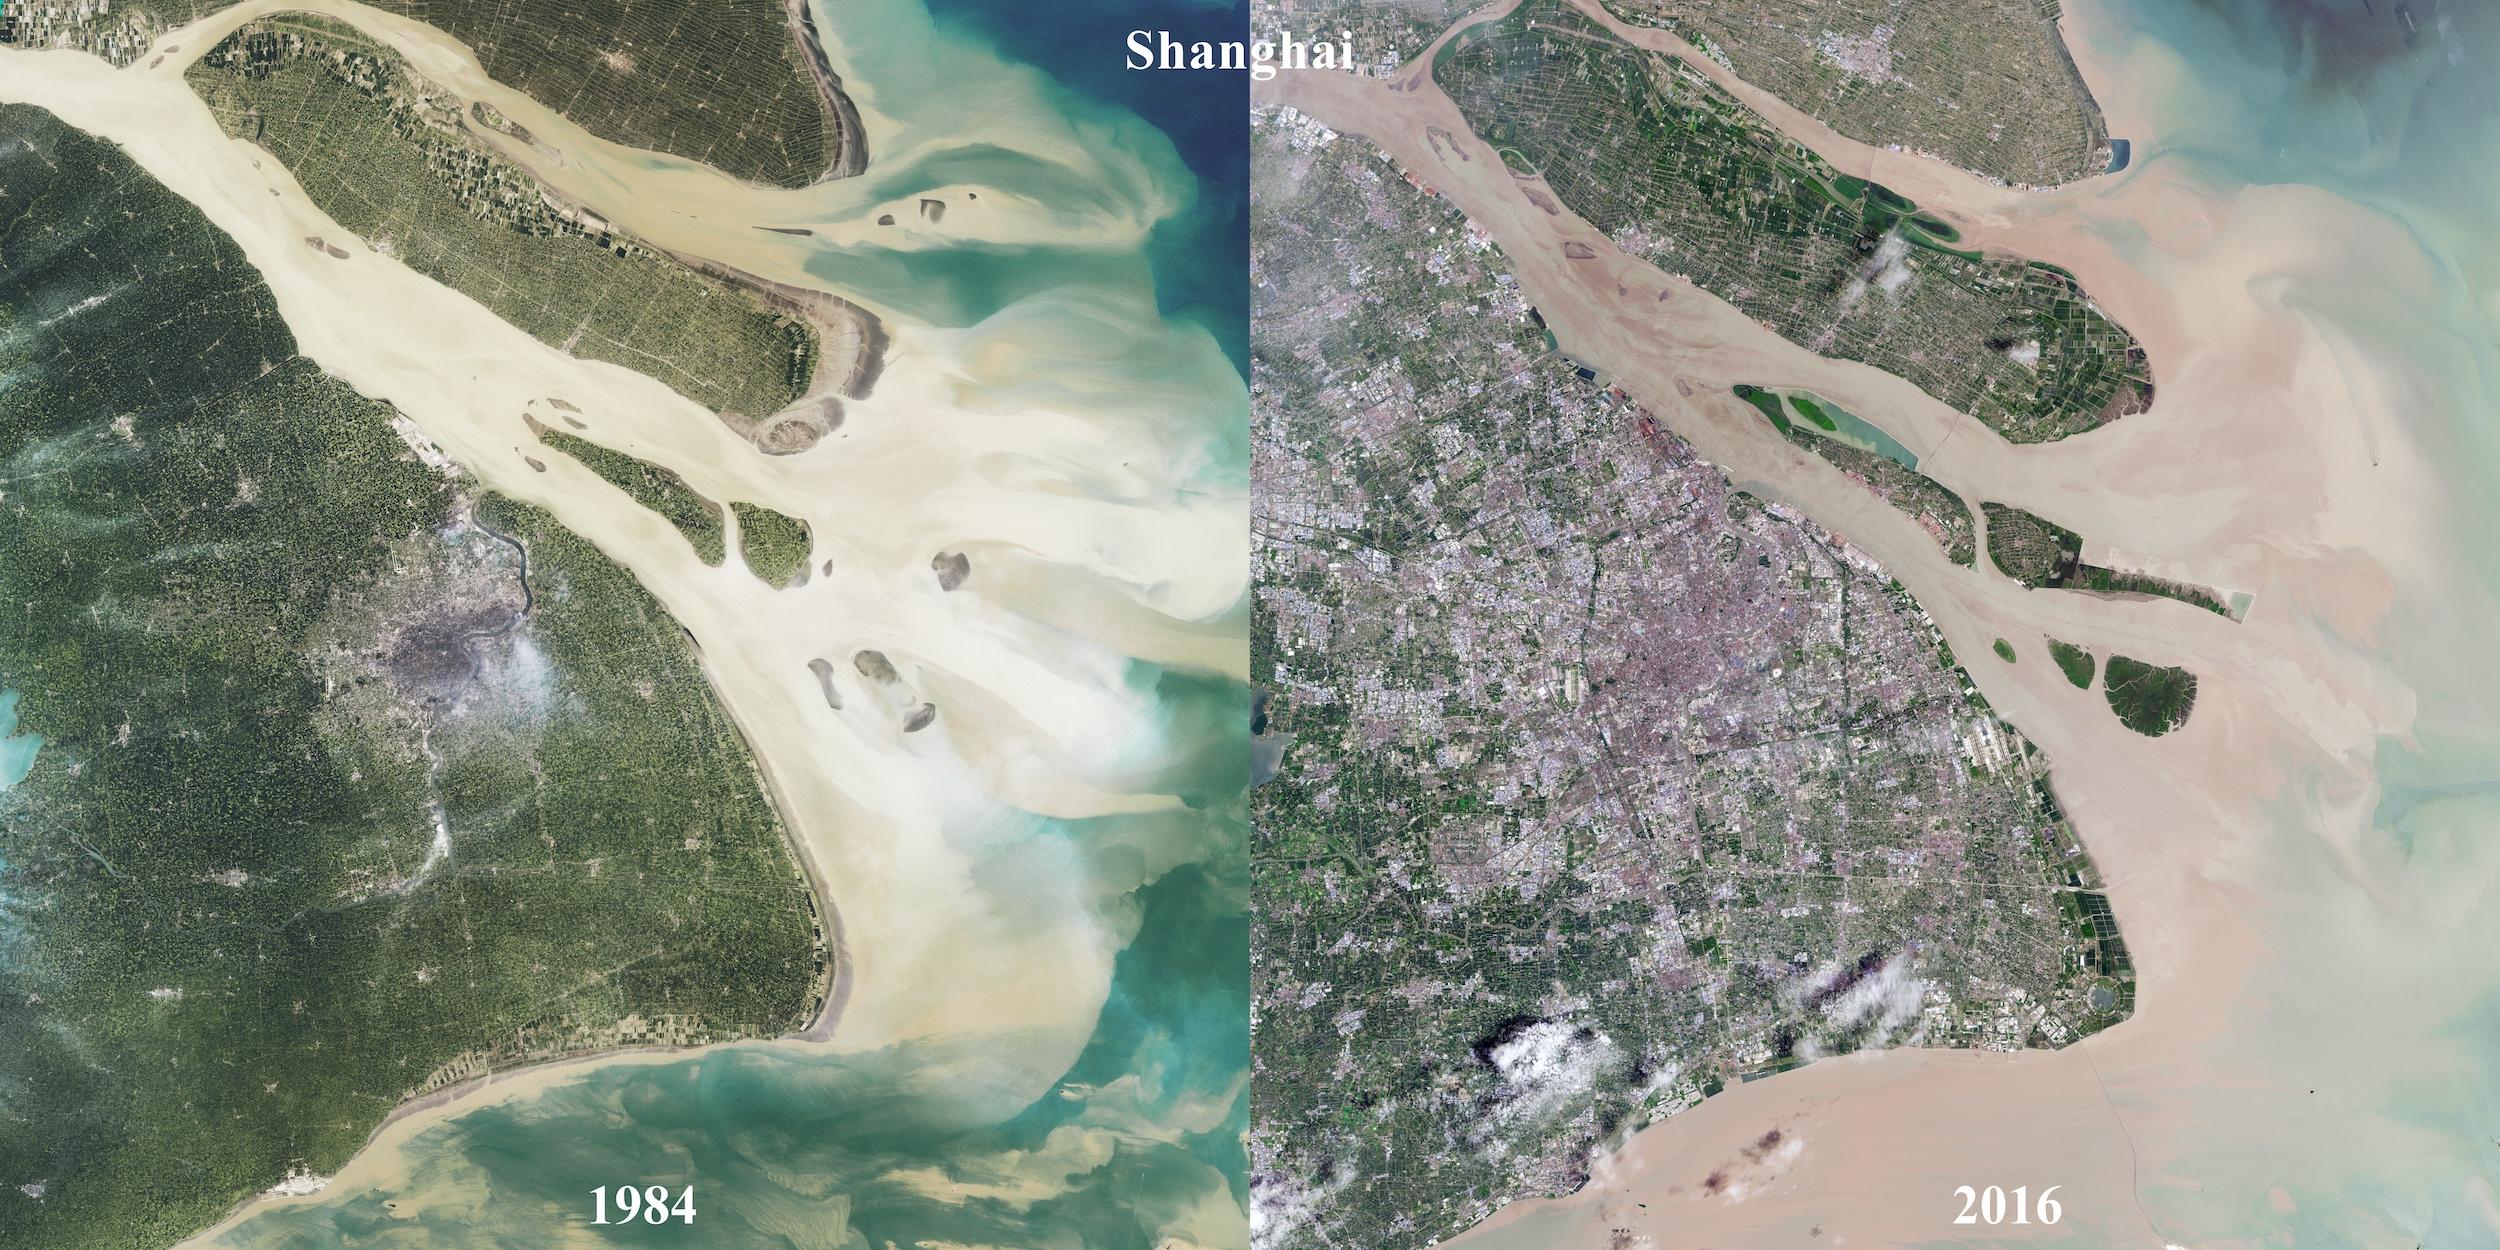 Shanghai - évolution de l'urbanisation (1984-2016)